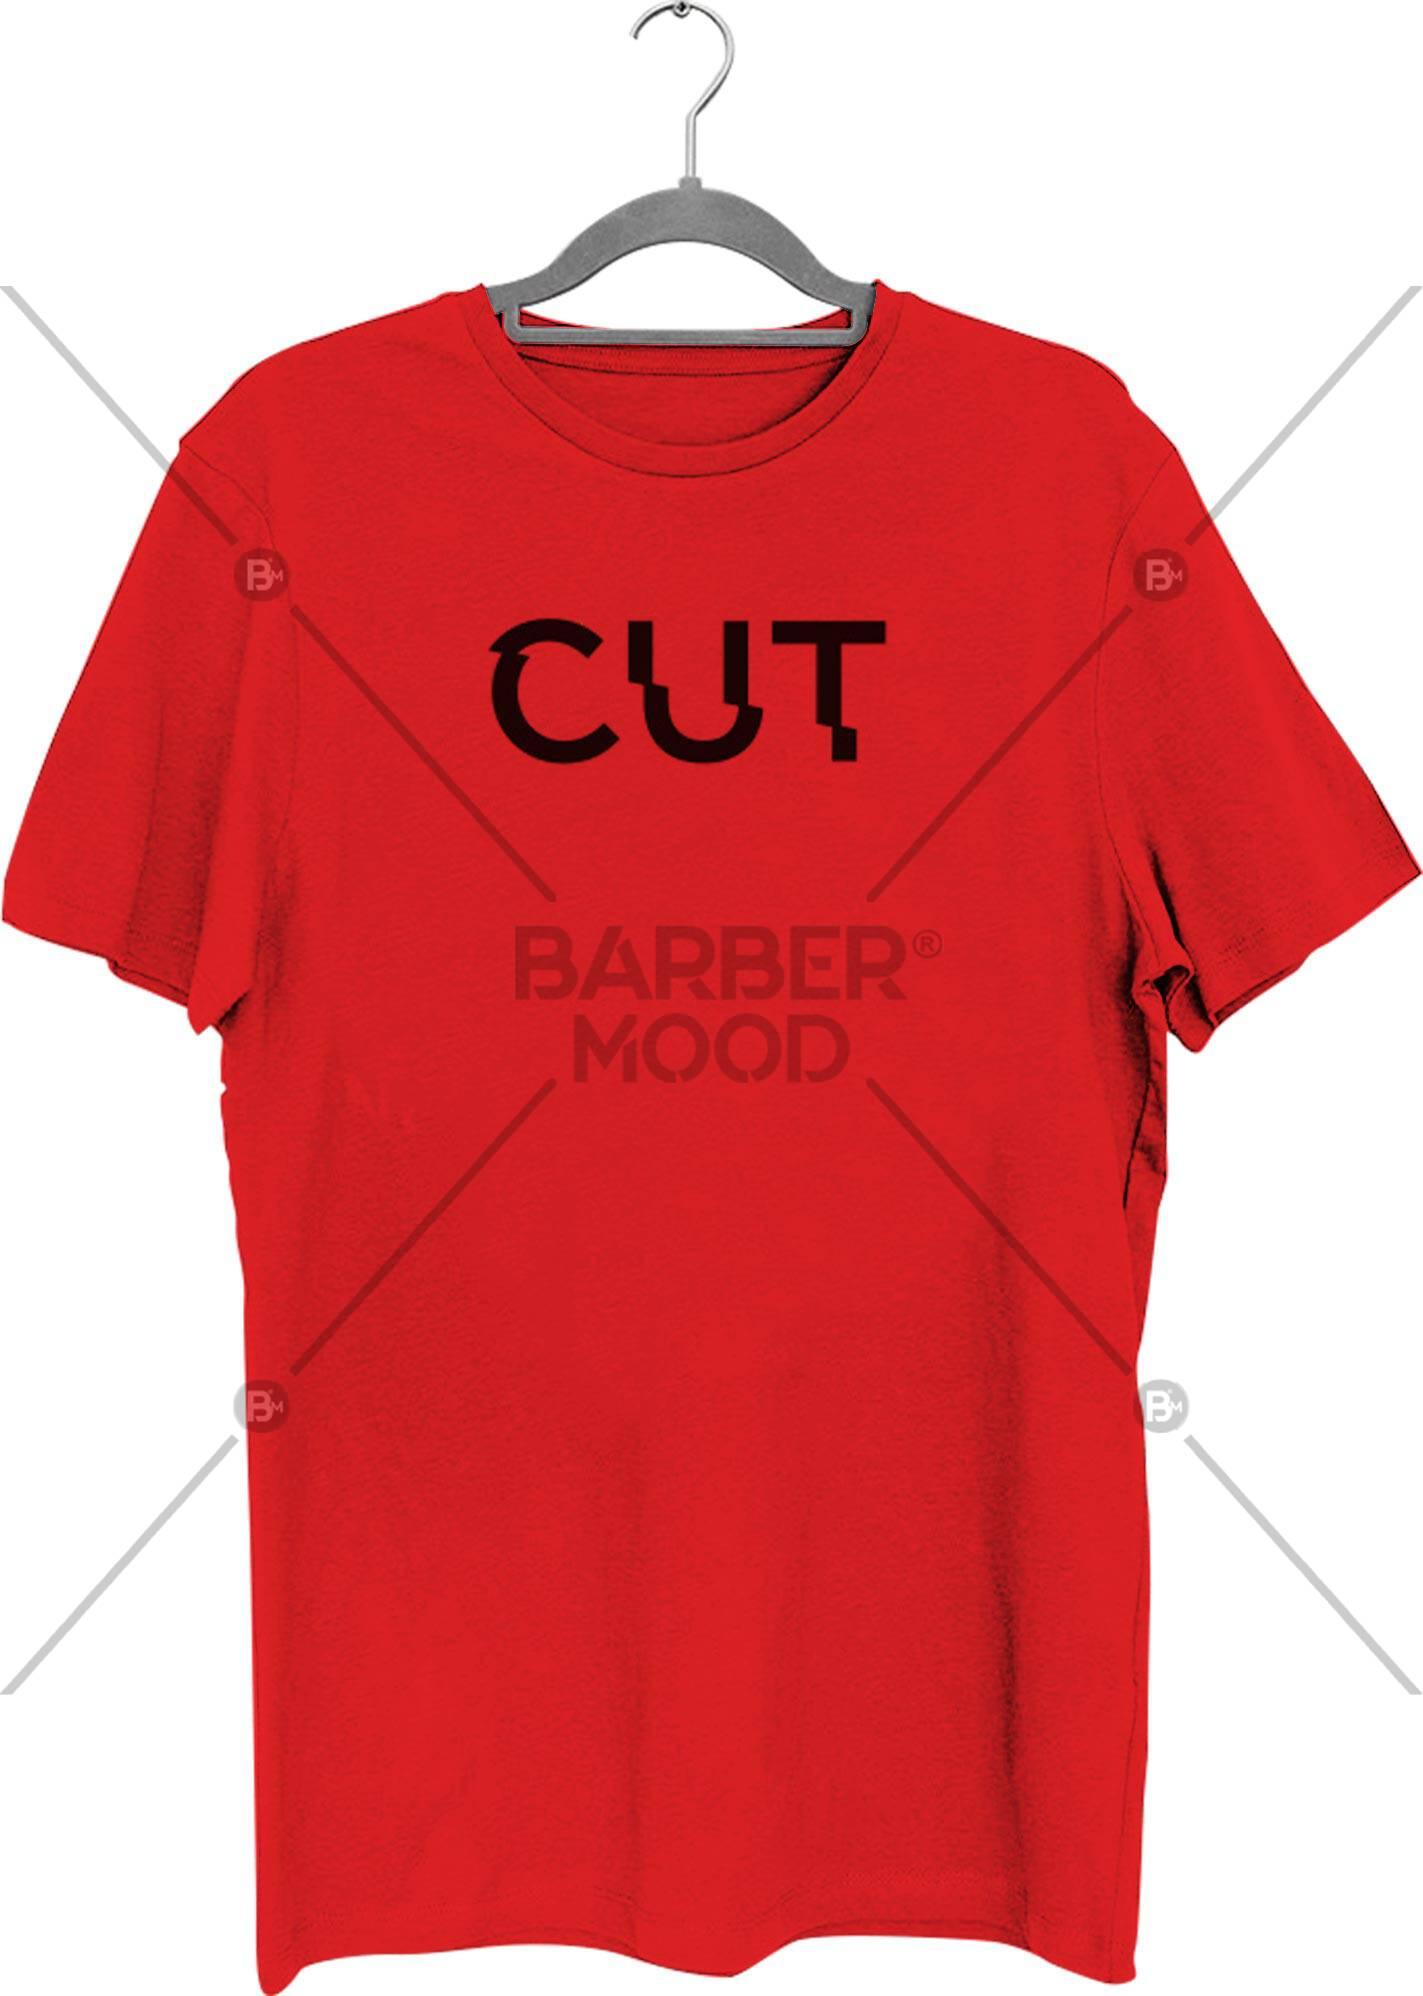 Kırmızı Tişört ürünü kuaför ve berberlerin en çok tercih ettiği bir üründür. Firma logonuz ile baskı yapılabilir.